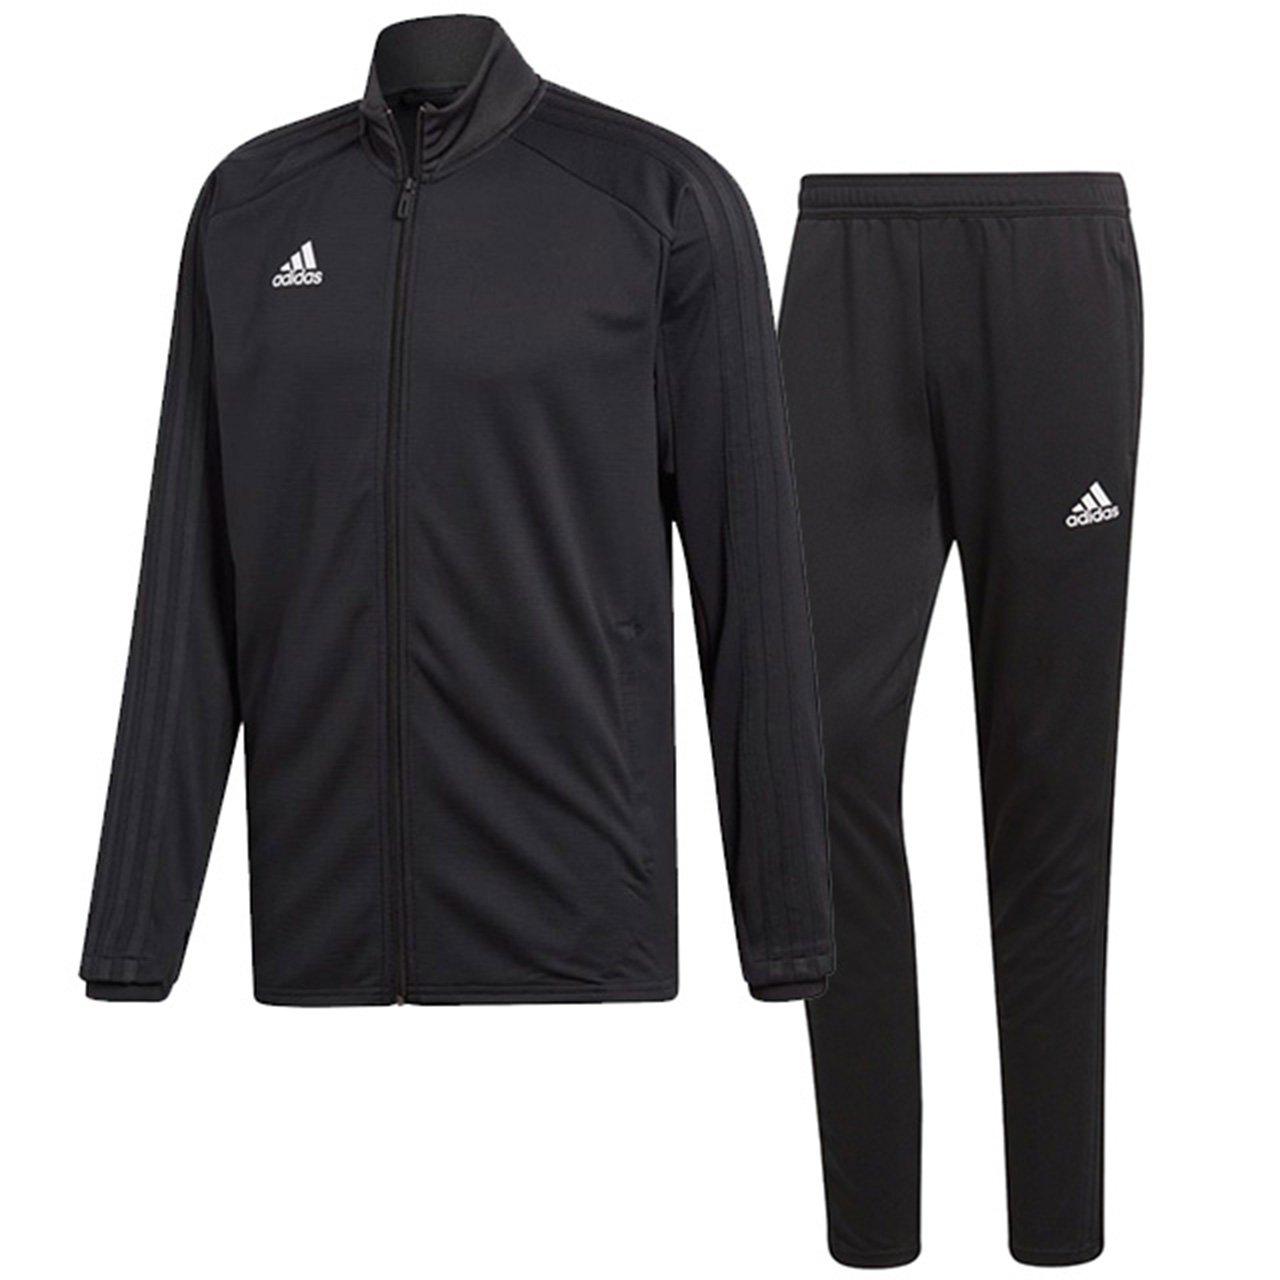 アディダス(adidas) CONDIVO18 トレーニングウエア 上下セット(ブラック/ブラック) DJV56-CG0404-DJU99-BS0526 B0798BPTZ4 日本 J/S-(日本サイズS相当)|ブラック/ブラック ブラック/ブラック 日本 J/S-(日本サイズS相当)